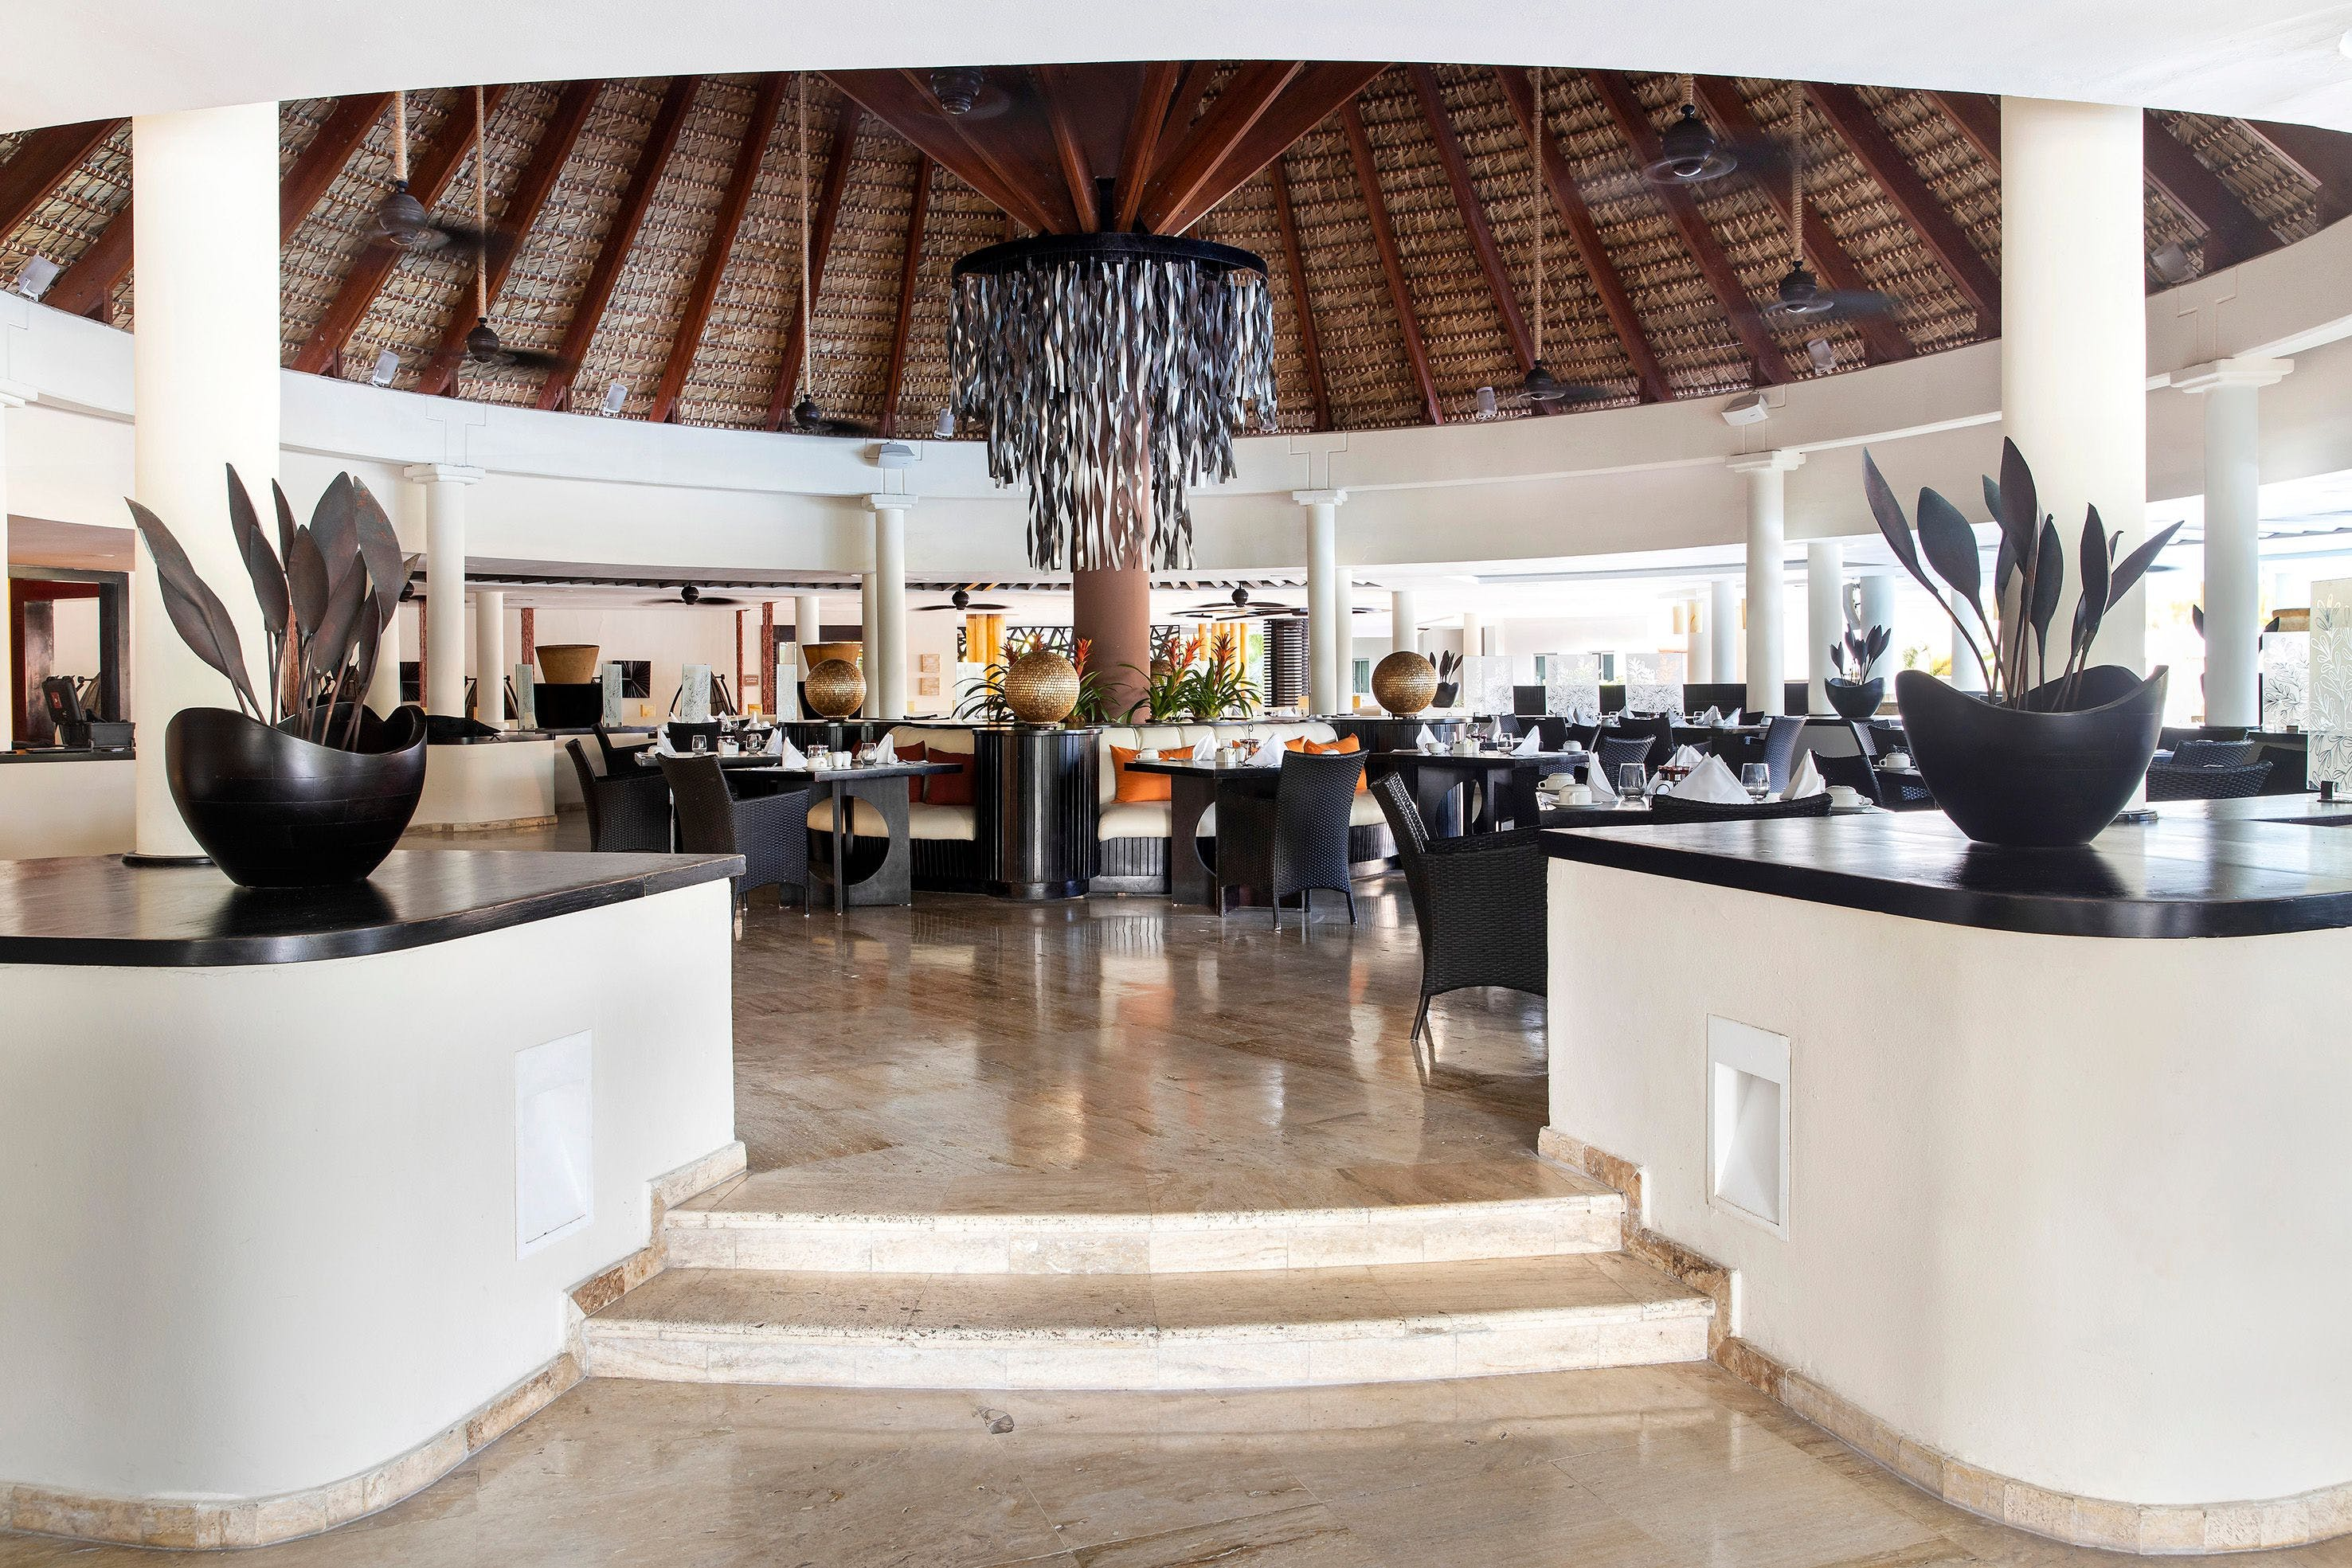 The Reserve at Paradisus Palma Real lobby